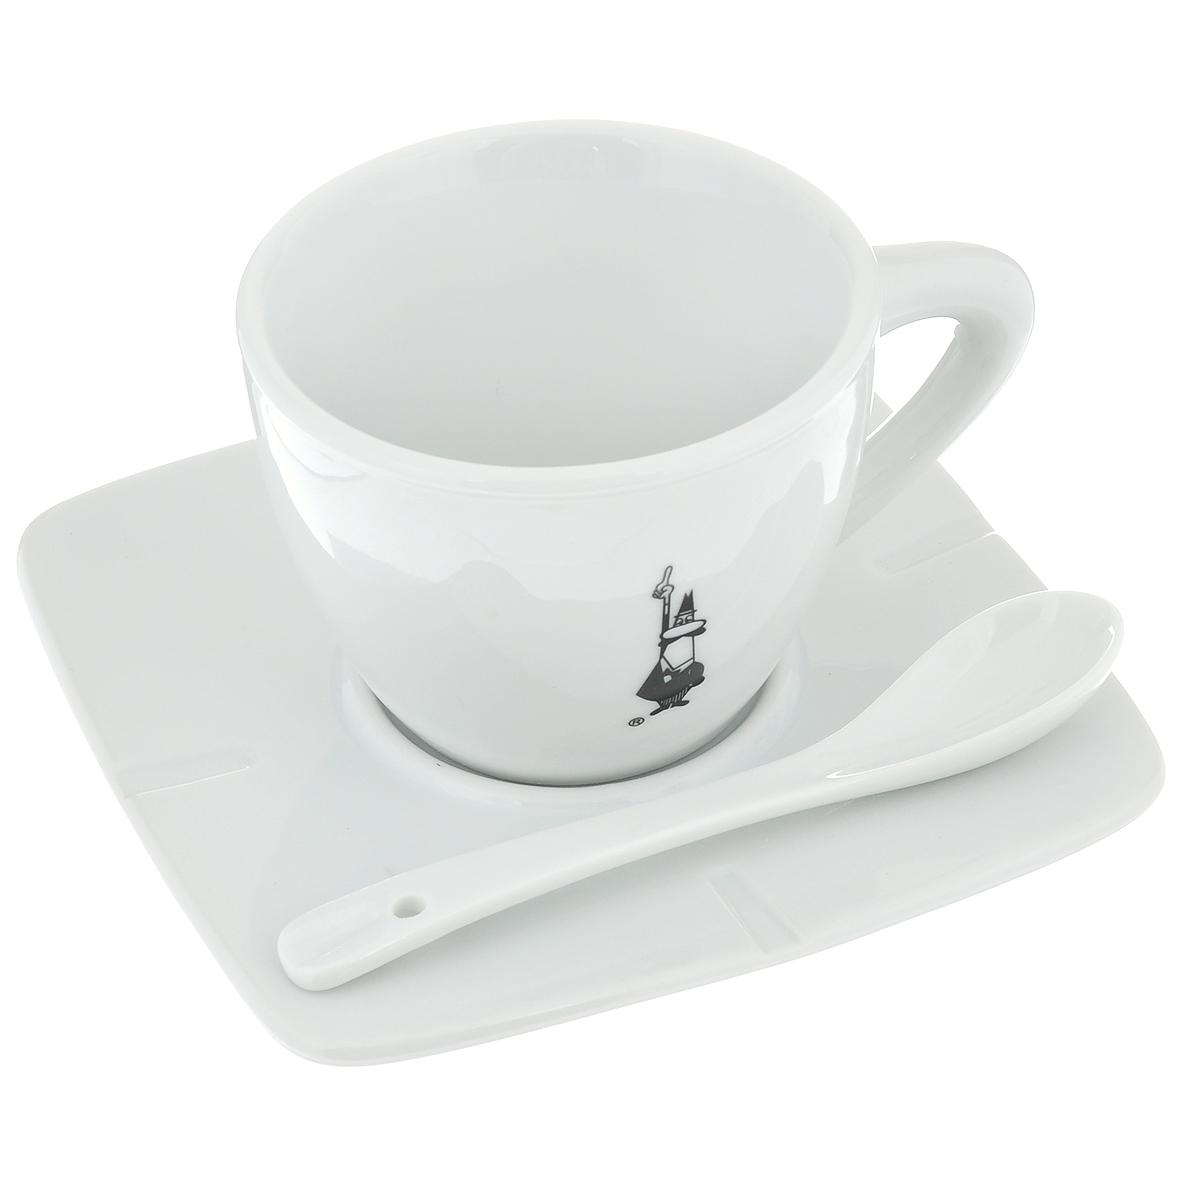 Набор для кофе Bialetti, цвет: белый, черный, 3 предмета. 9892003054 009312Набор для кофе Bialetti состоит из чашки, блюдца и ложки, изготовленных из фарфора. Набор оригинального дизайна станет изысканным и желанным подарком любителю настоящего кофе. Можно мыть в посудомоечной машине.Объем чашки: 160 мл. Высота чашки: 6,5 см. Диаметр чашки: 8 см. Размер блюдца: 13 см х 13 см. Длина ложки: 12 см. Размер рабочей части ложки: 3,5 см х 2,3 см.